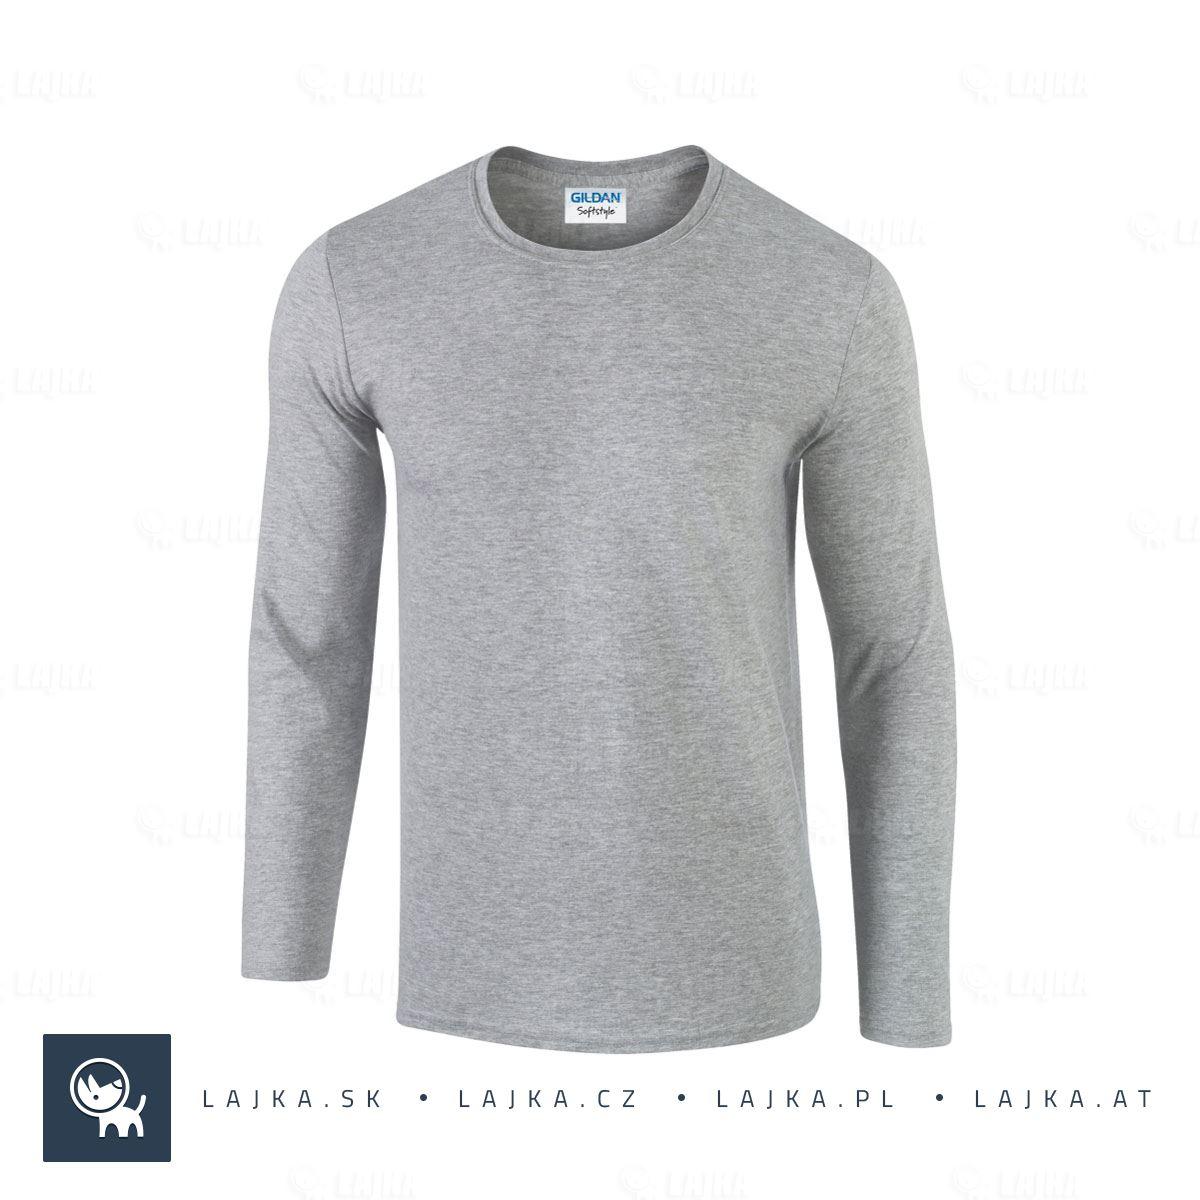 f2820848c4e6e Tričko s dlhým rukávom Softstyle Long Sleeve, športová sivá (1)